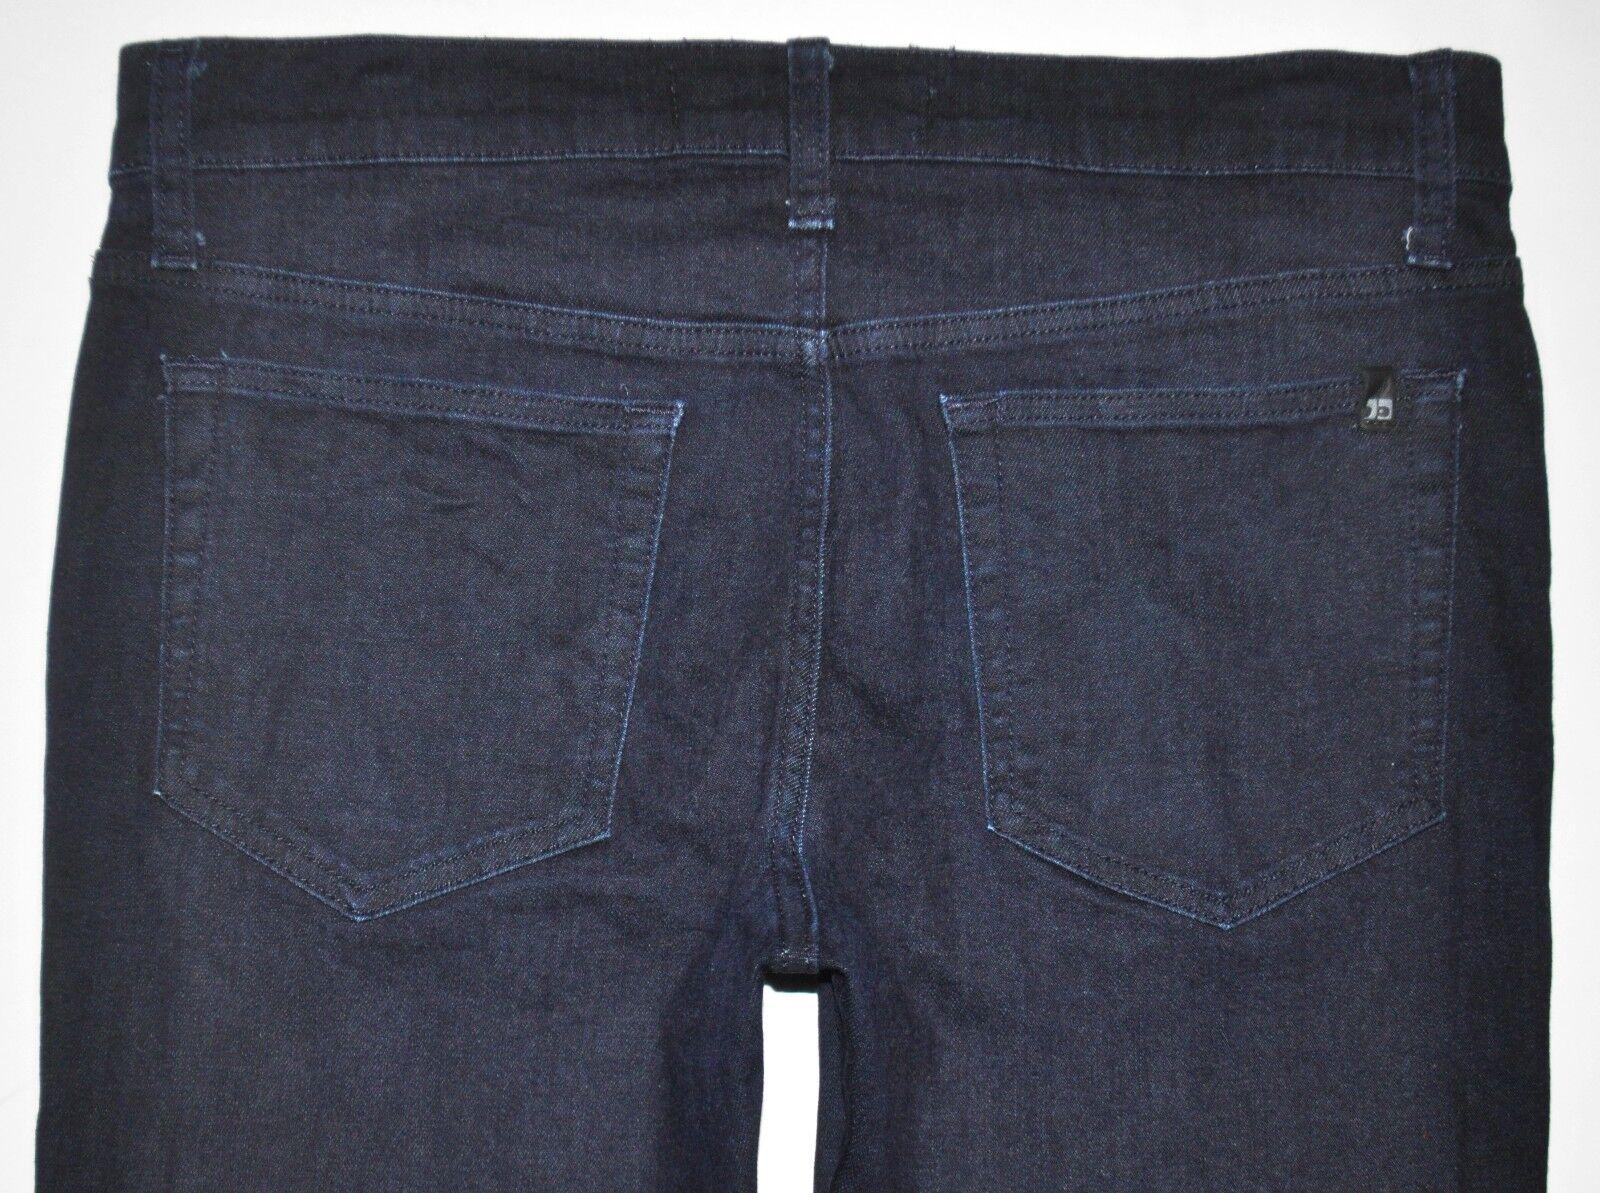 Joe's Men's Sz 33 X 32.5 Stretch Slim Straight Jeans Dark bluee Gidean EXCELLENT